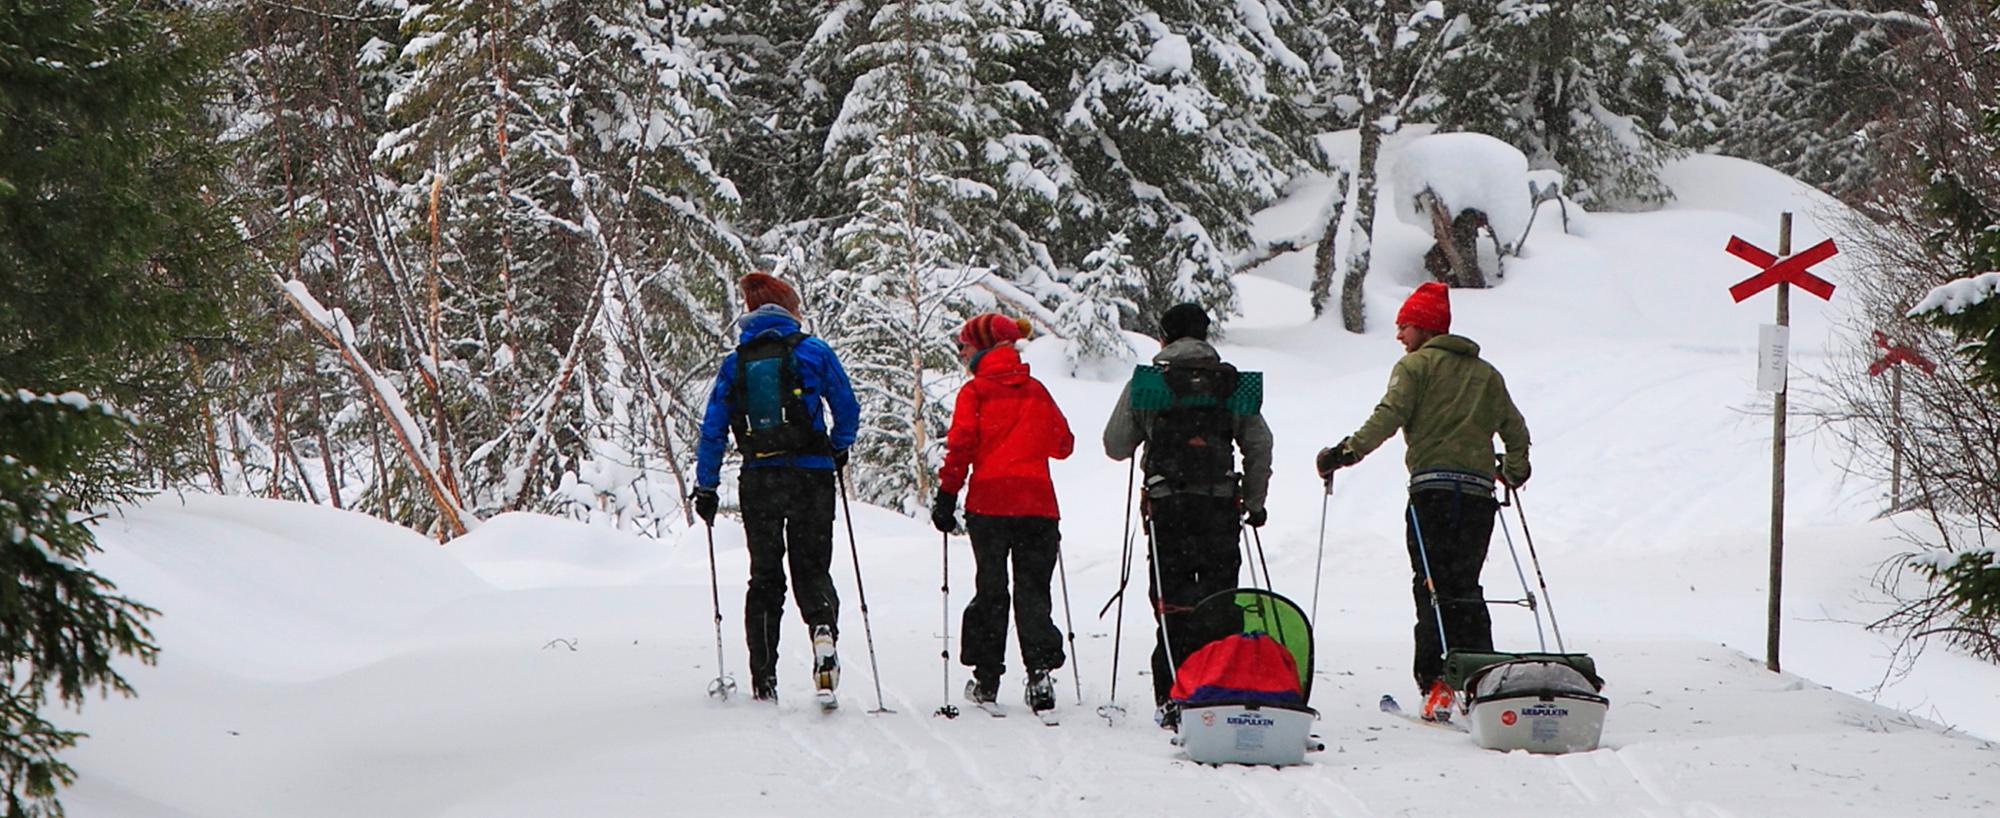 Att Skida Sönkmyrrundan I Edsåsdalen är En Av Fjällupplevelserna I Världsklass I Södra Årefjällen.